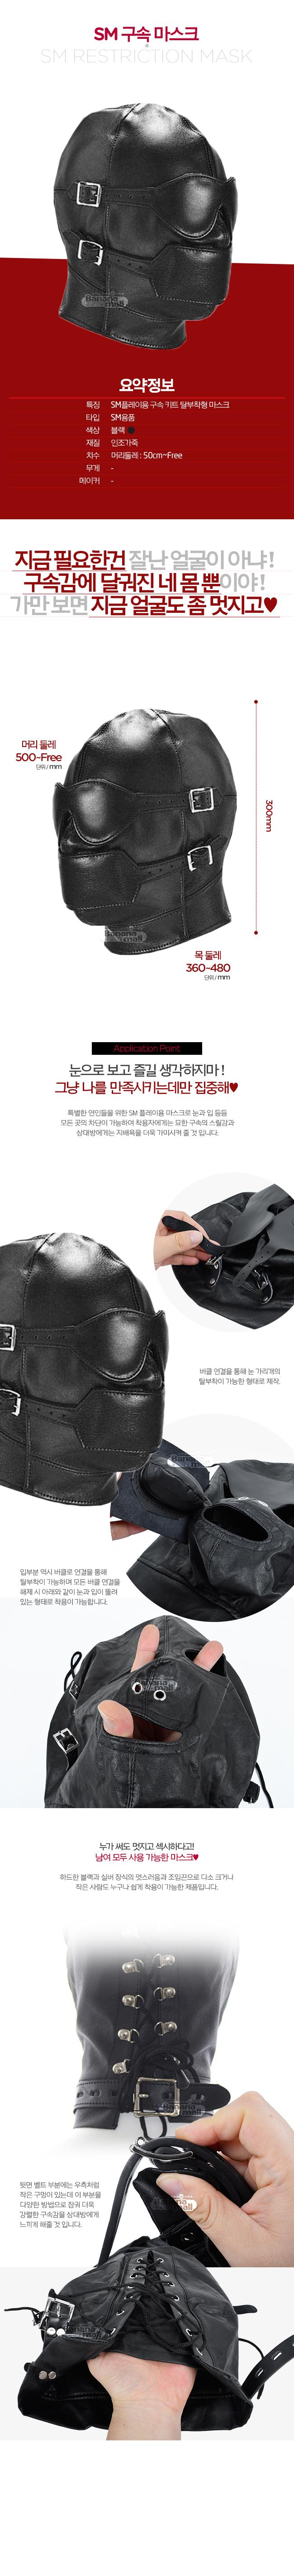 [SM 마스크] SM 구속 마스크 (JBG)